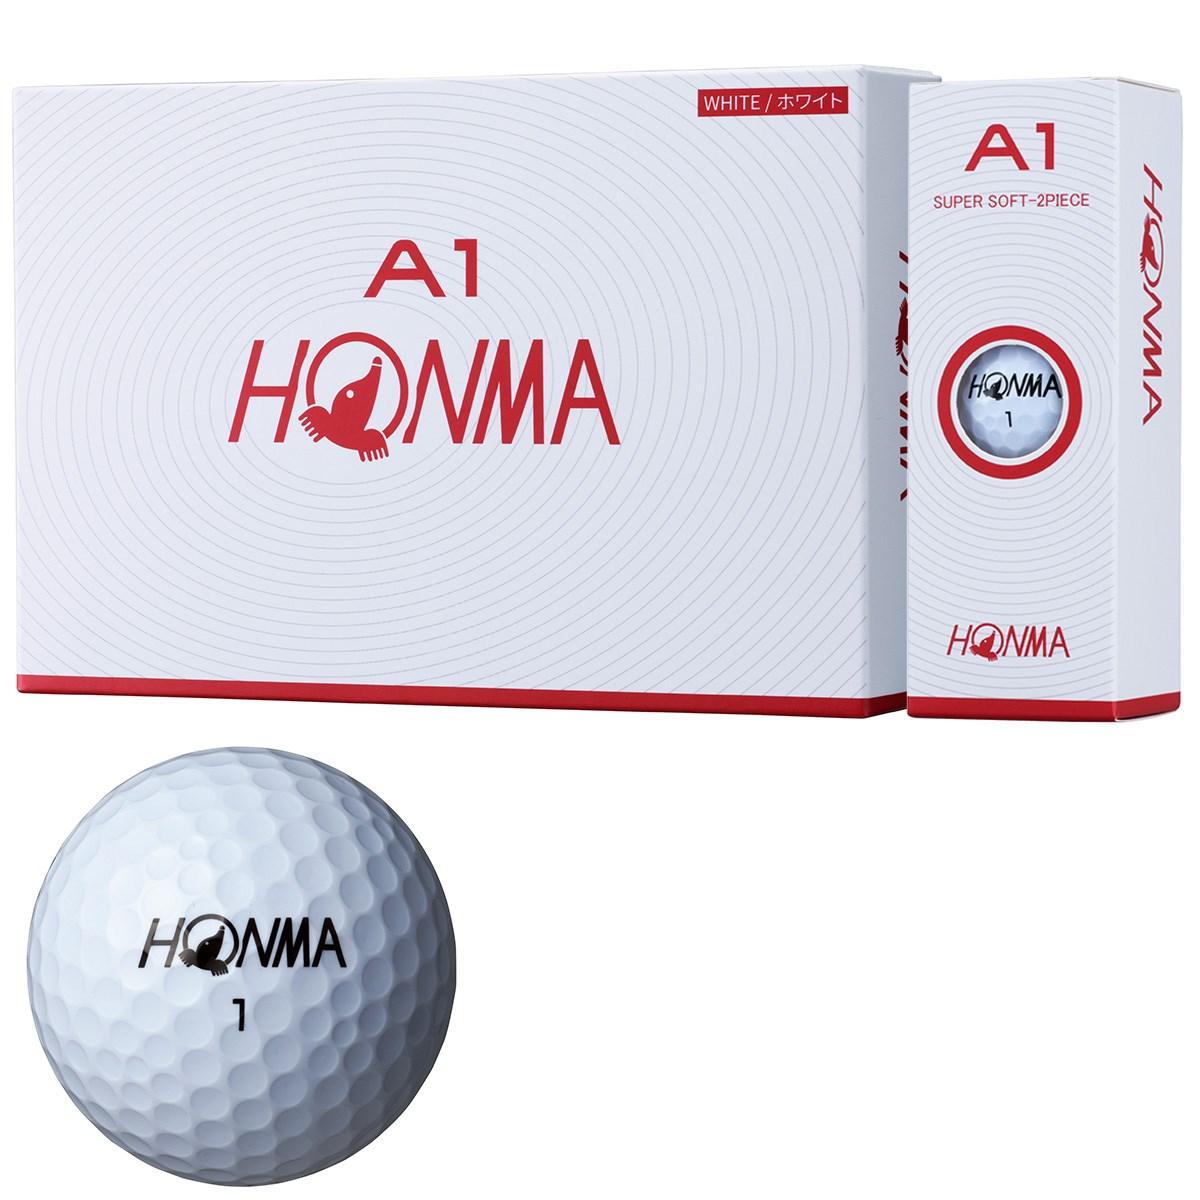 本間ゴルフ HONMA A1 ボール 1ダース(12個入り) ホワイト